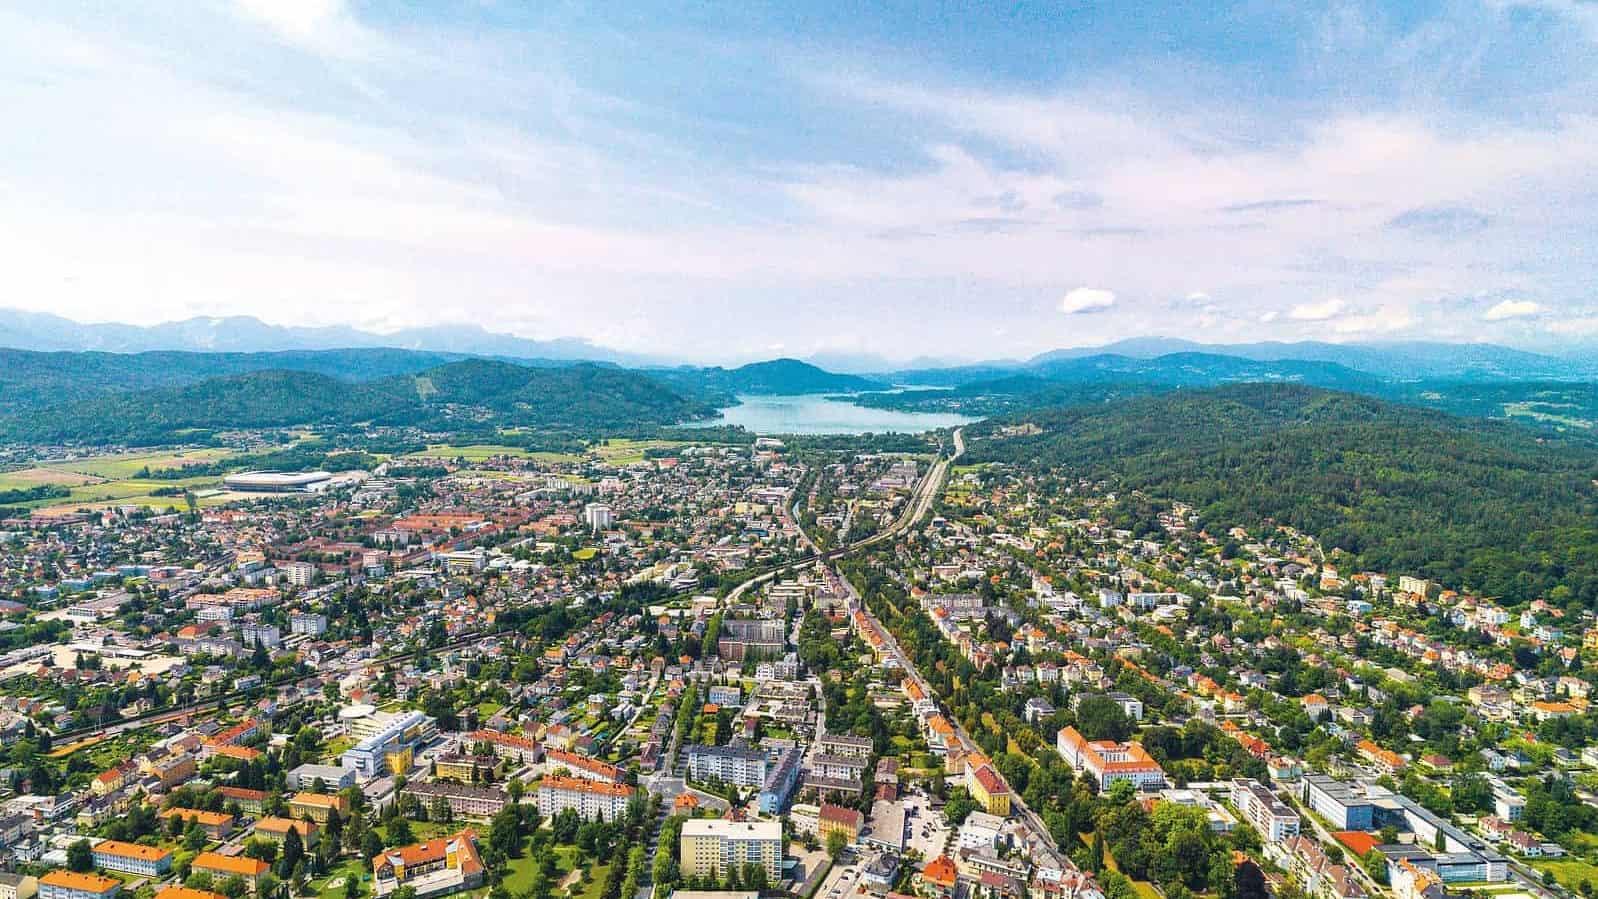 Urlaubsregion Klagenfurt am Wörthersee - Ausflüge